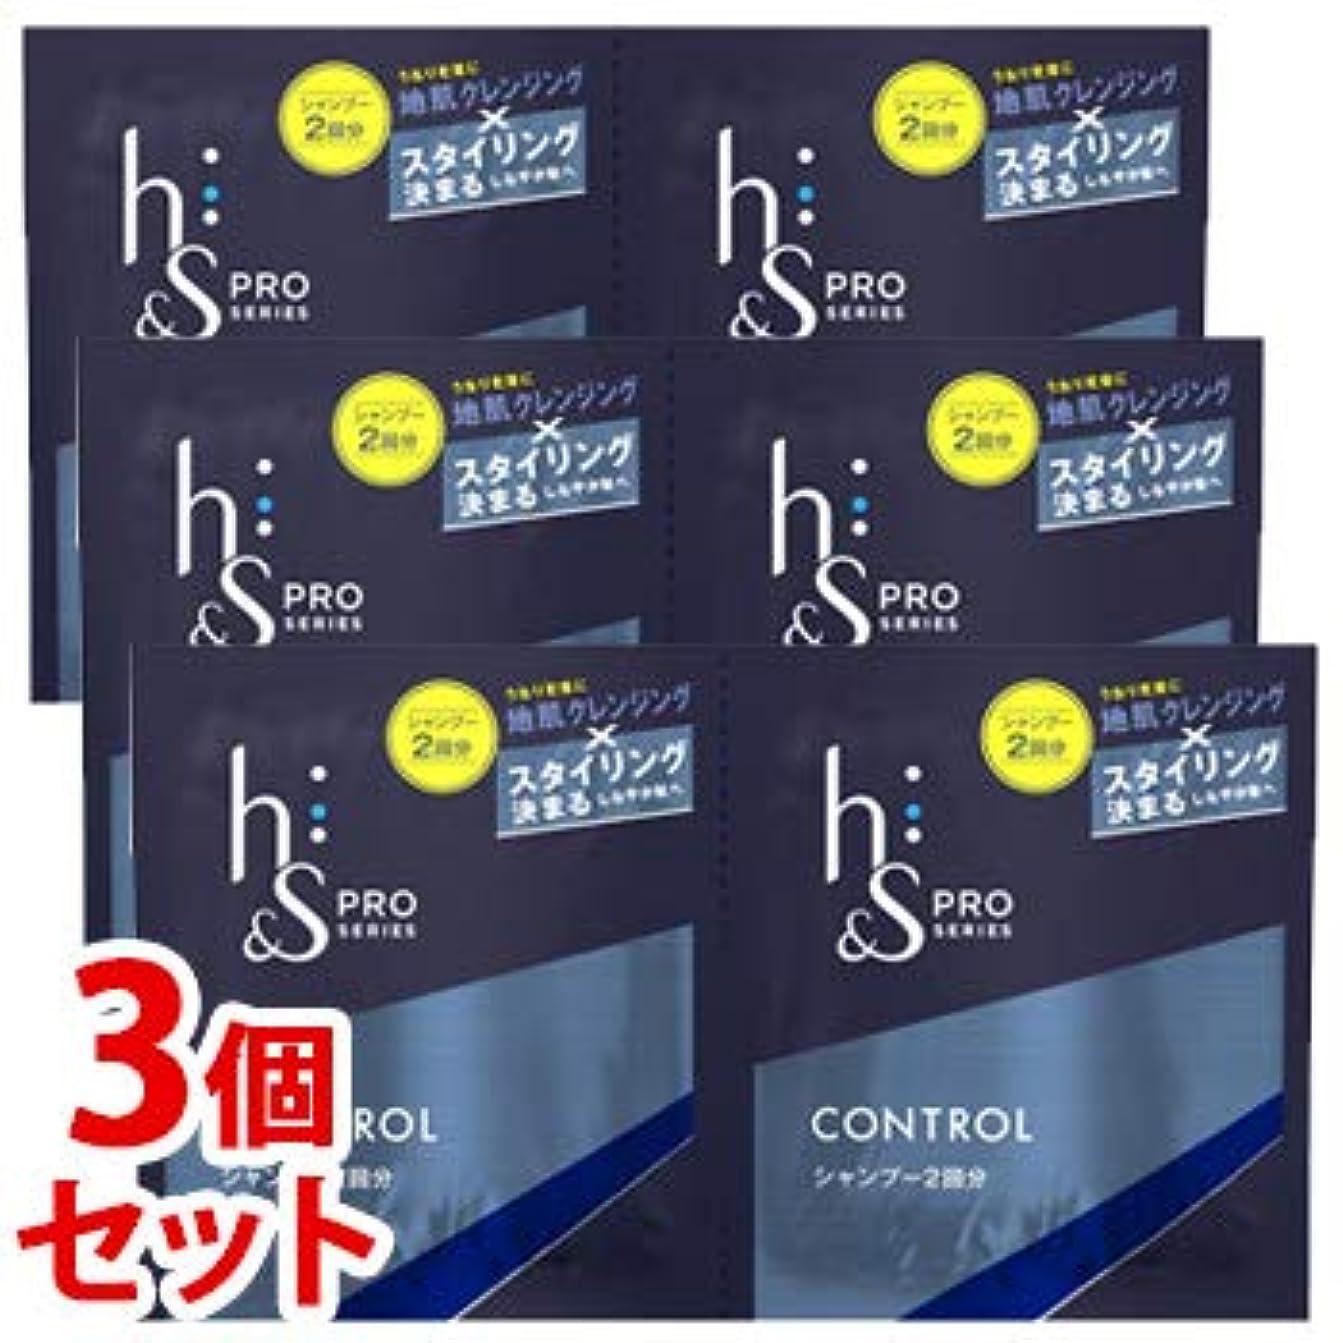 もしつかまえるバーガー《セット販売》 P&G エイチアンドエス h&s フォーメン プロシリーズ コントロール シャンプー トライアルサシェ 2回分 (12mL×2個)×3個セット 【医薬部外品】